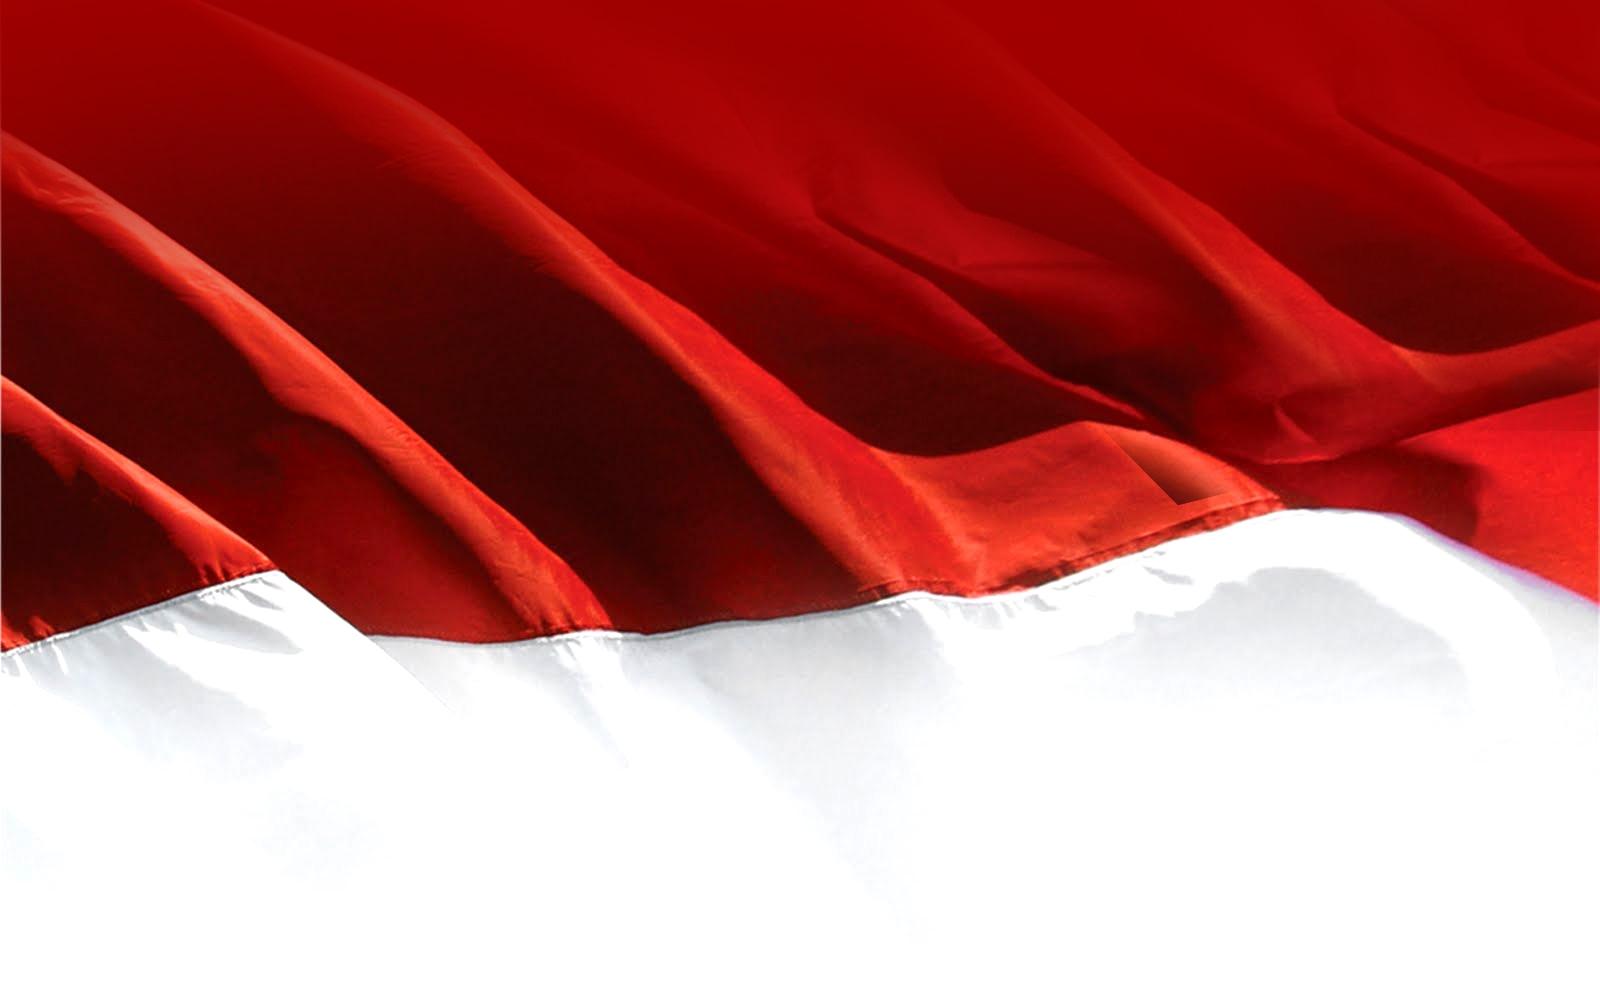 Free Download Wallpaper Bendera Merah Putih.